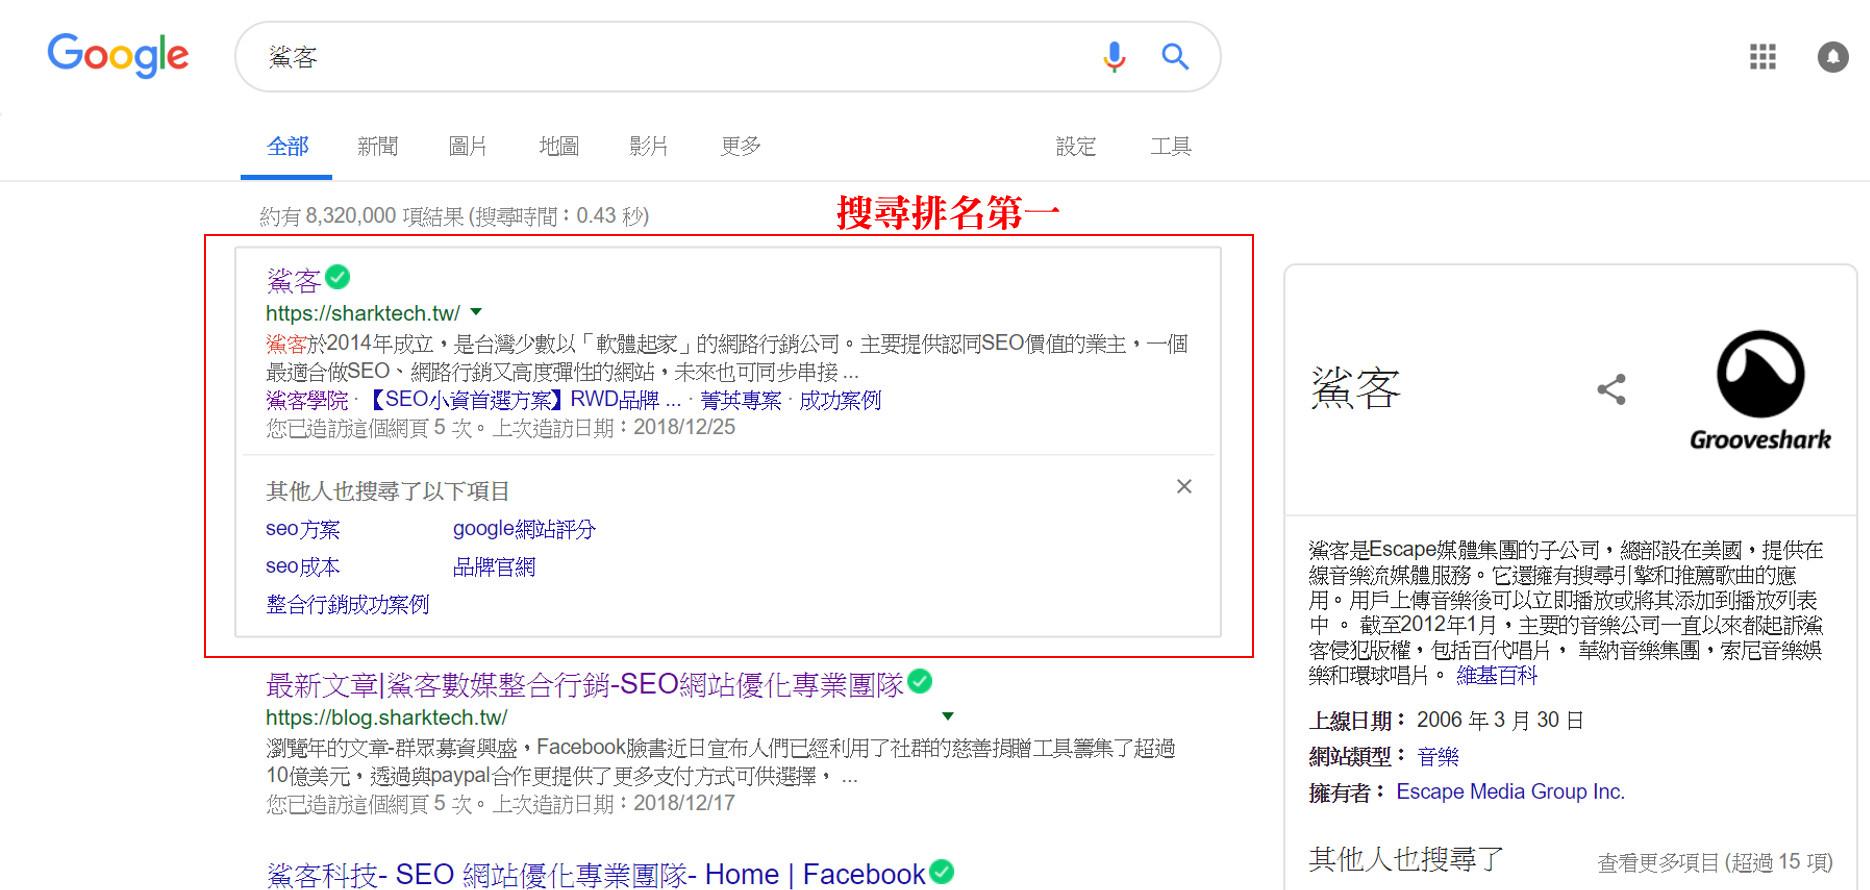 搜尋結果排名第一有助於出現sitelinks-鯊客科技SEO優化公司